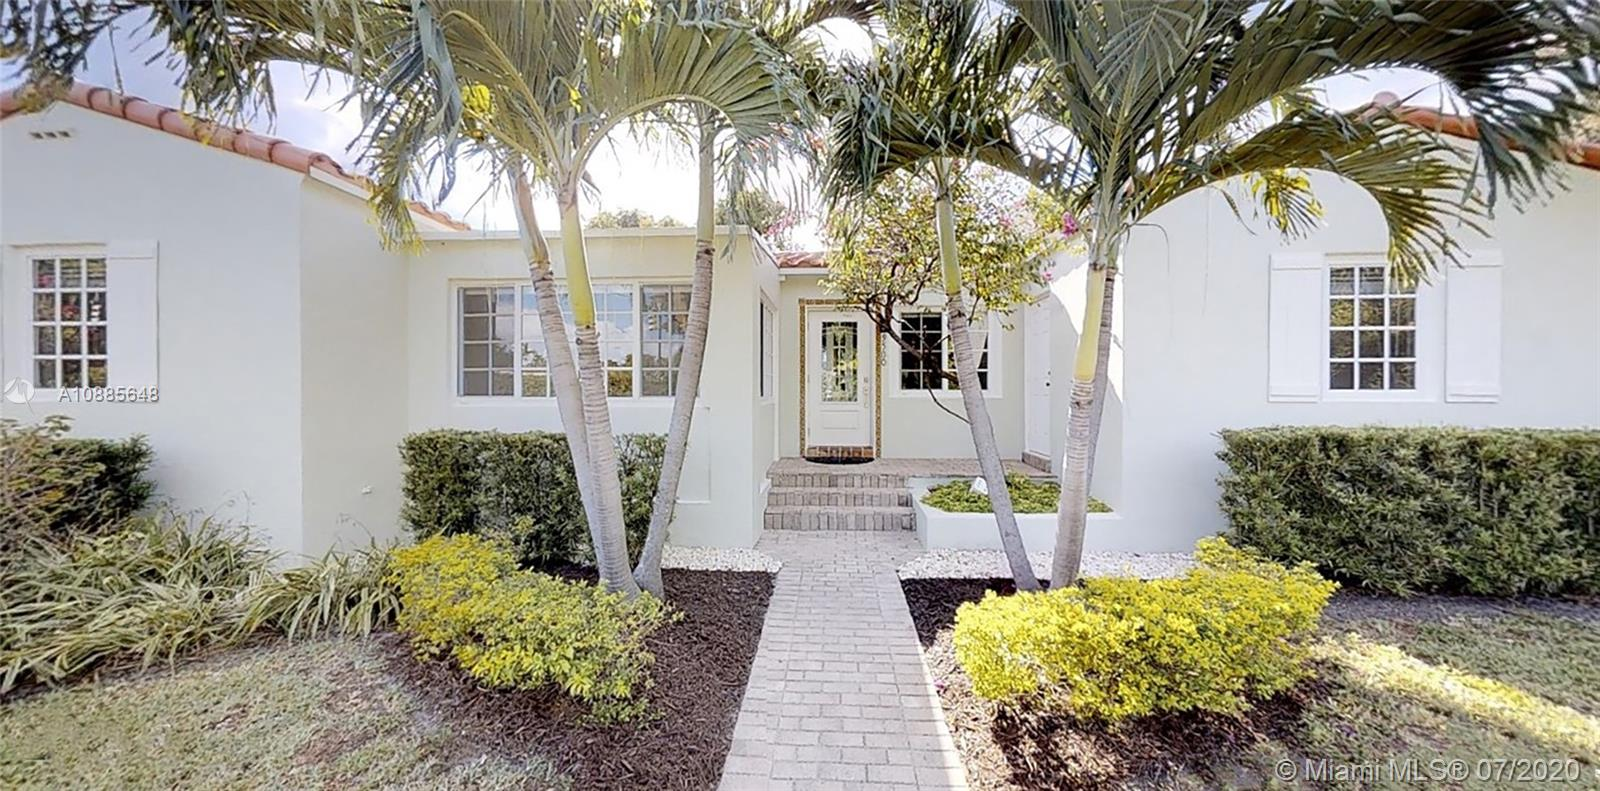 Miami Shores - 9500 N Miami Ave, Miami Shores, FL 33150